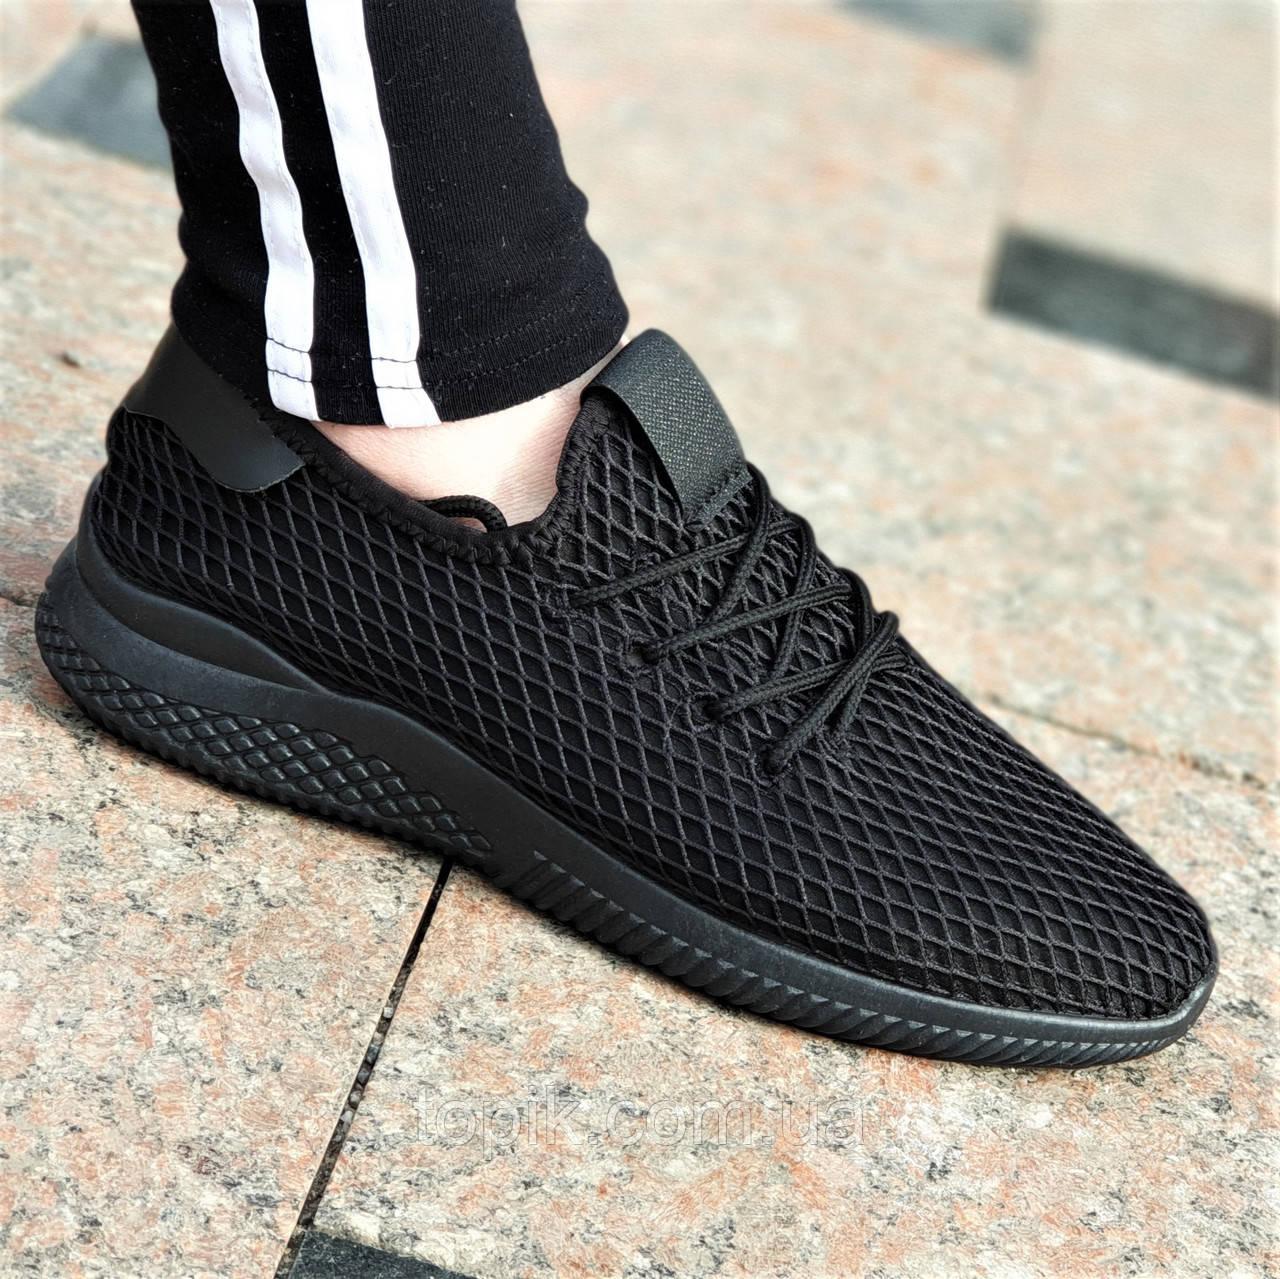 Черные женские мокасины кроссовки Deerupt Runner на лето весну недорогие мягкие и удобные (Код: 1386)